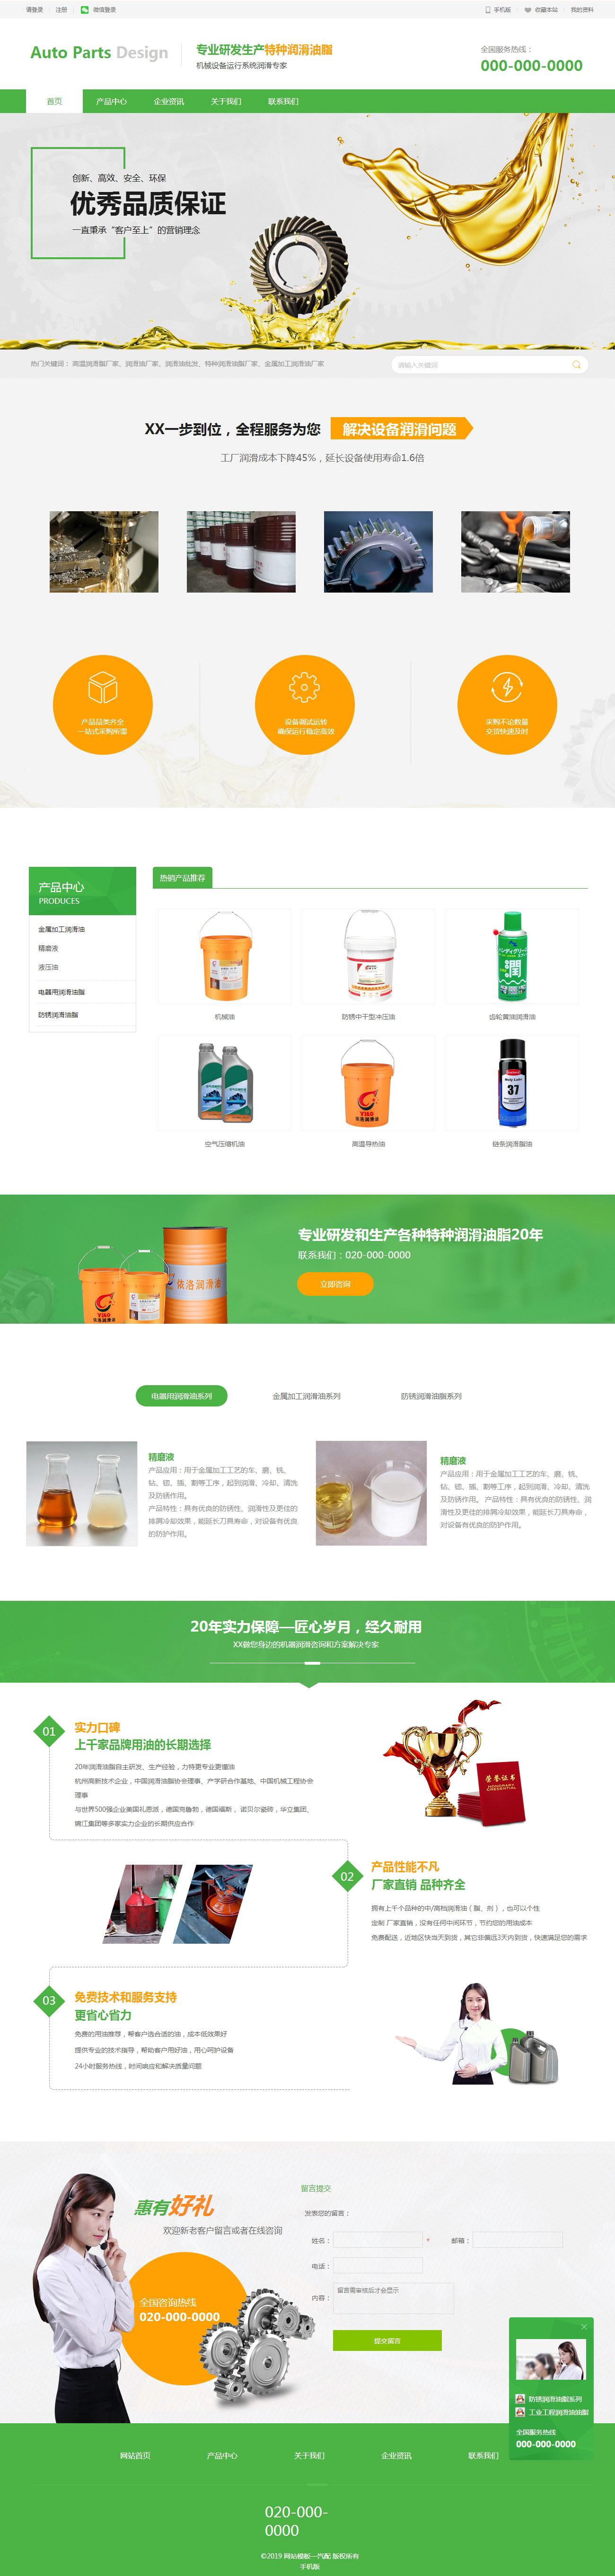 汽配、汽车美容用品厂家直销网站模板